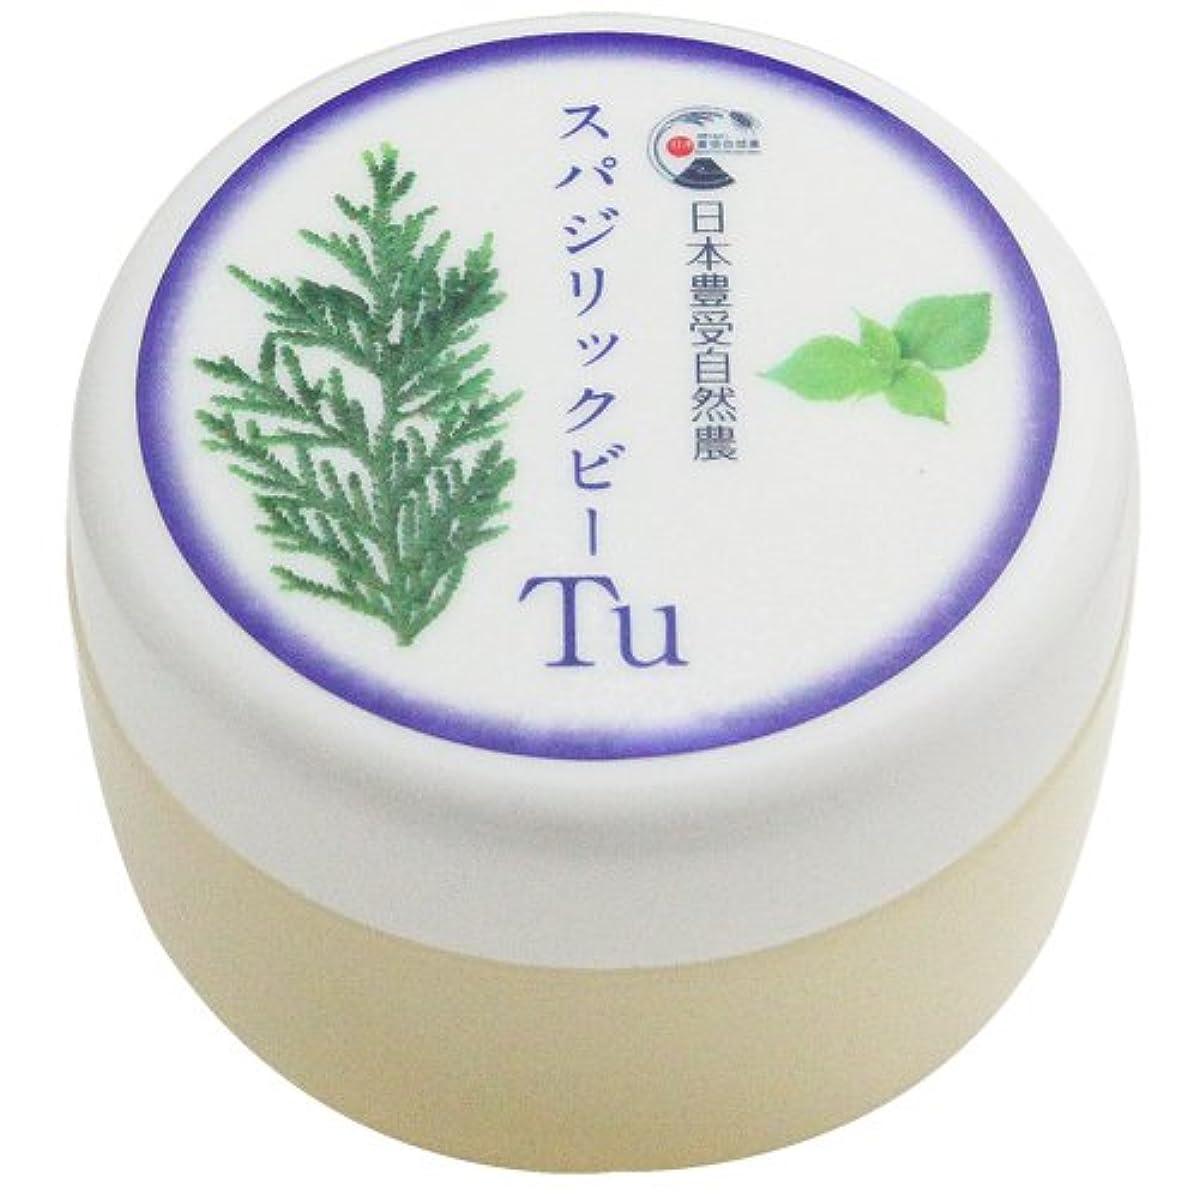 マトン王朝代理店日本豊受自然農 スパジリック ビーTu(特大) 135g